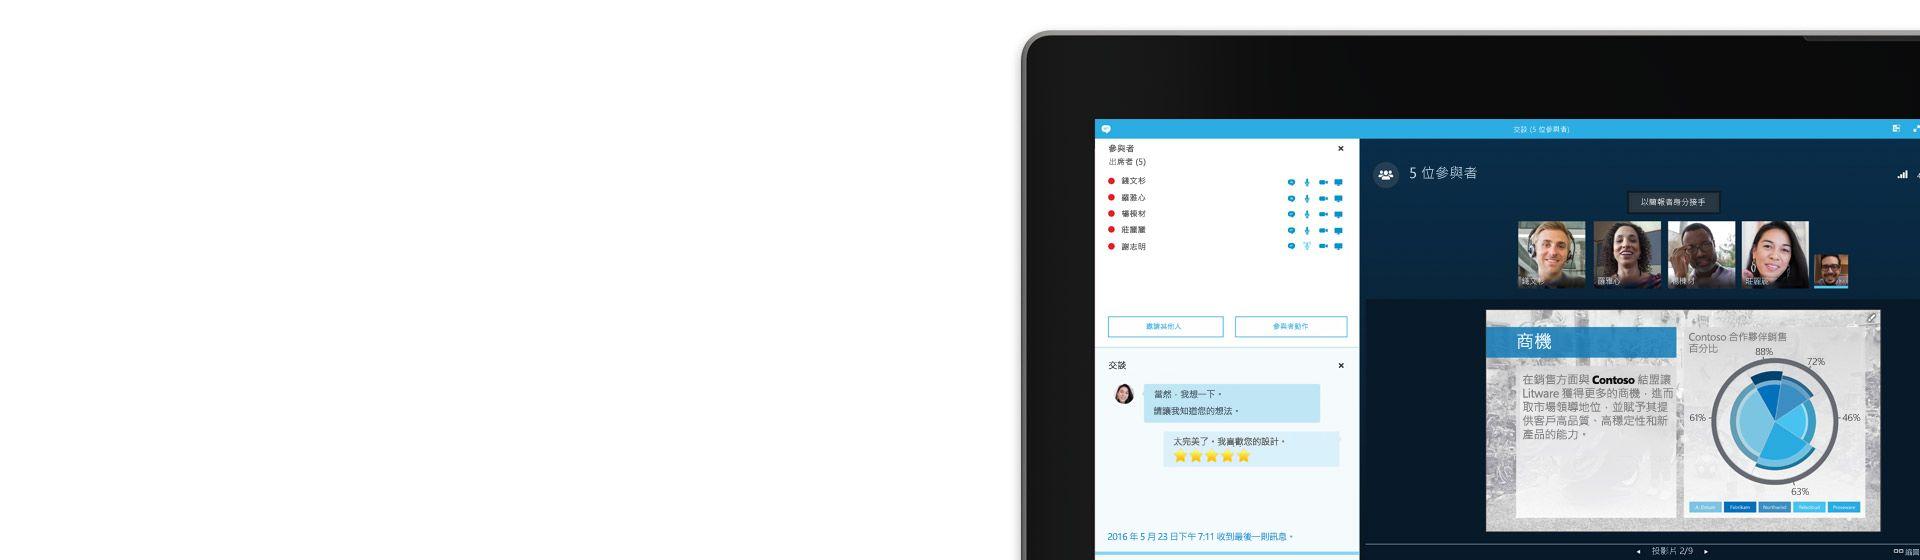 顯示正在進行的商務用 Skype 會議具有參與者清單的膝上型電腦螢幕一角